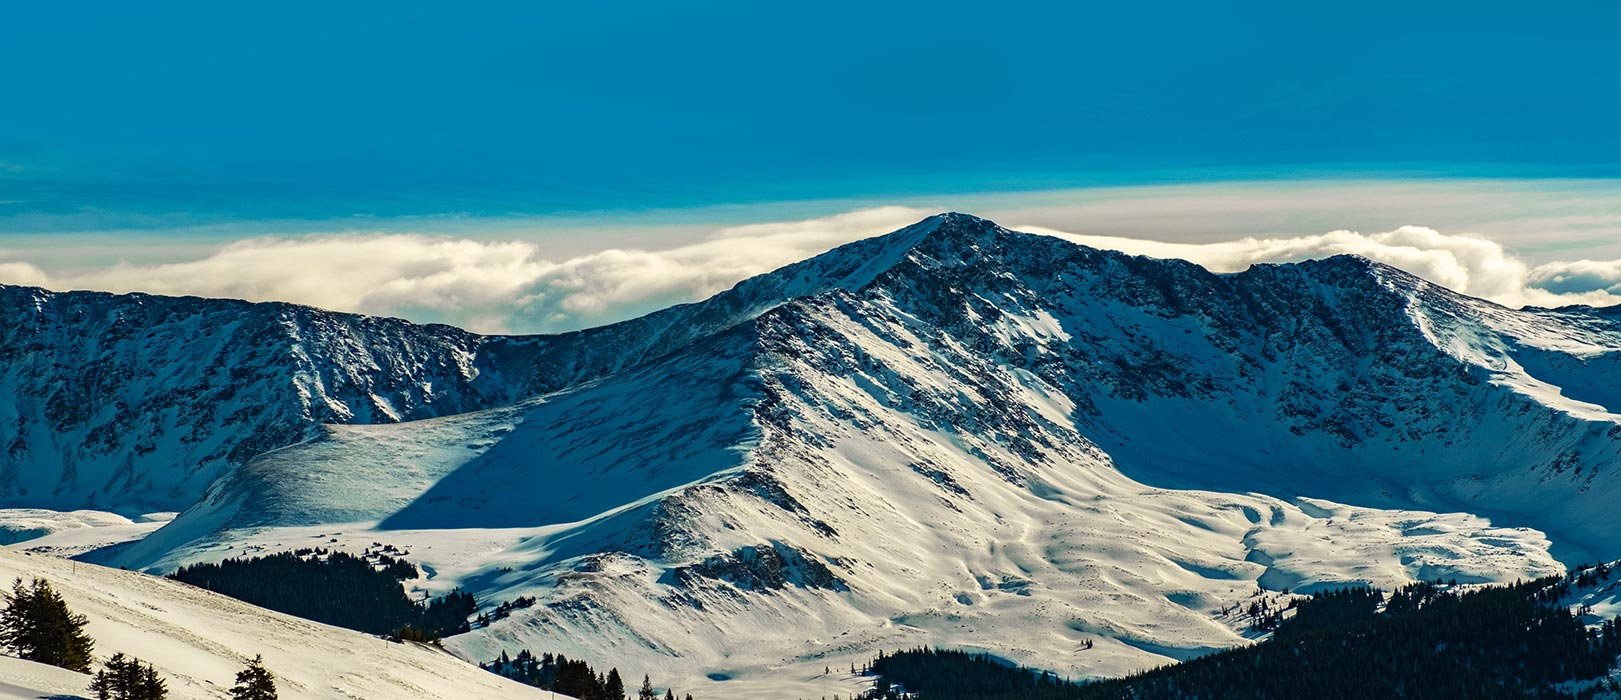 Copper Mountain: San Diego Union Tribune